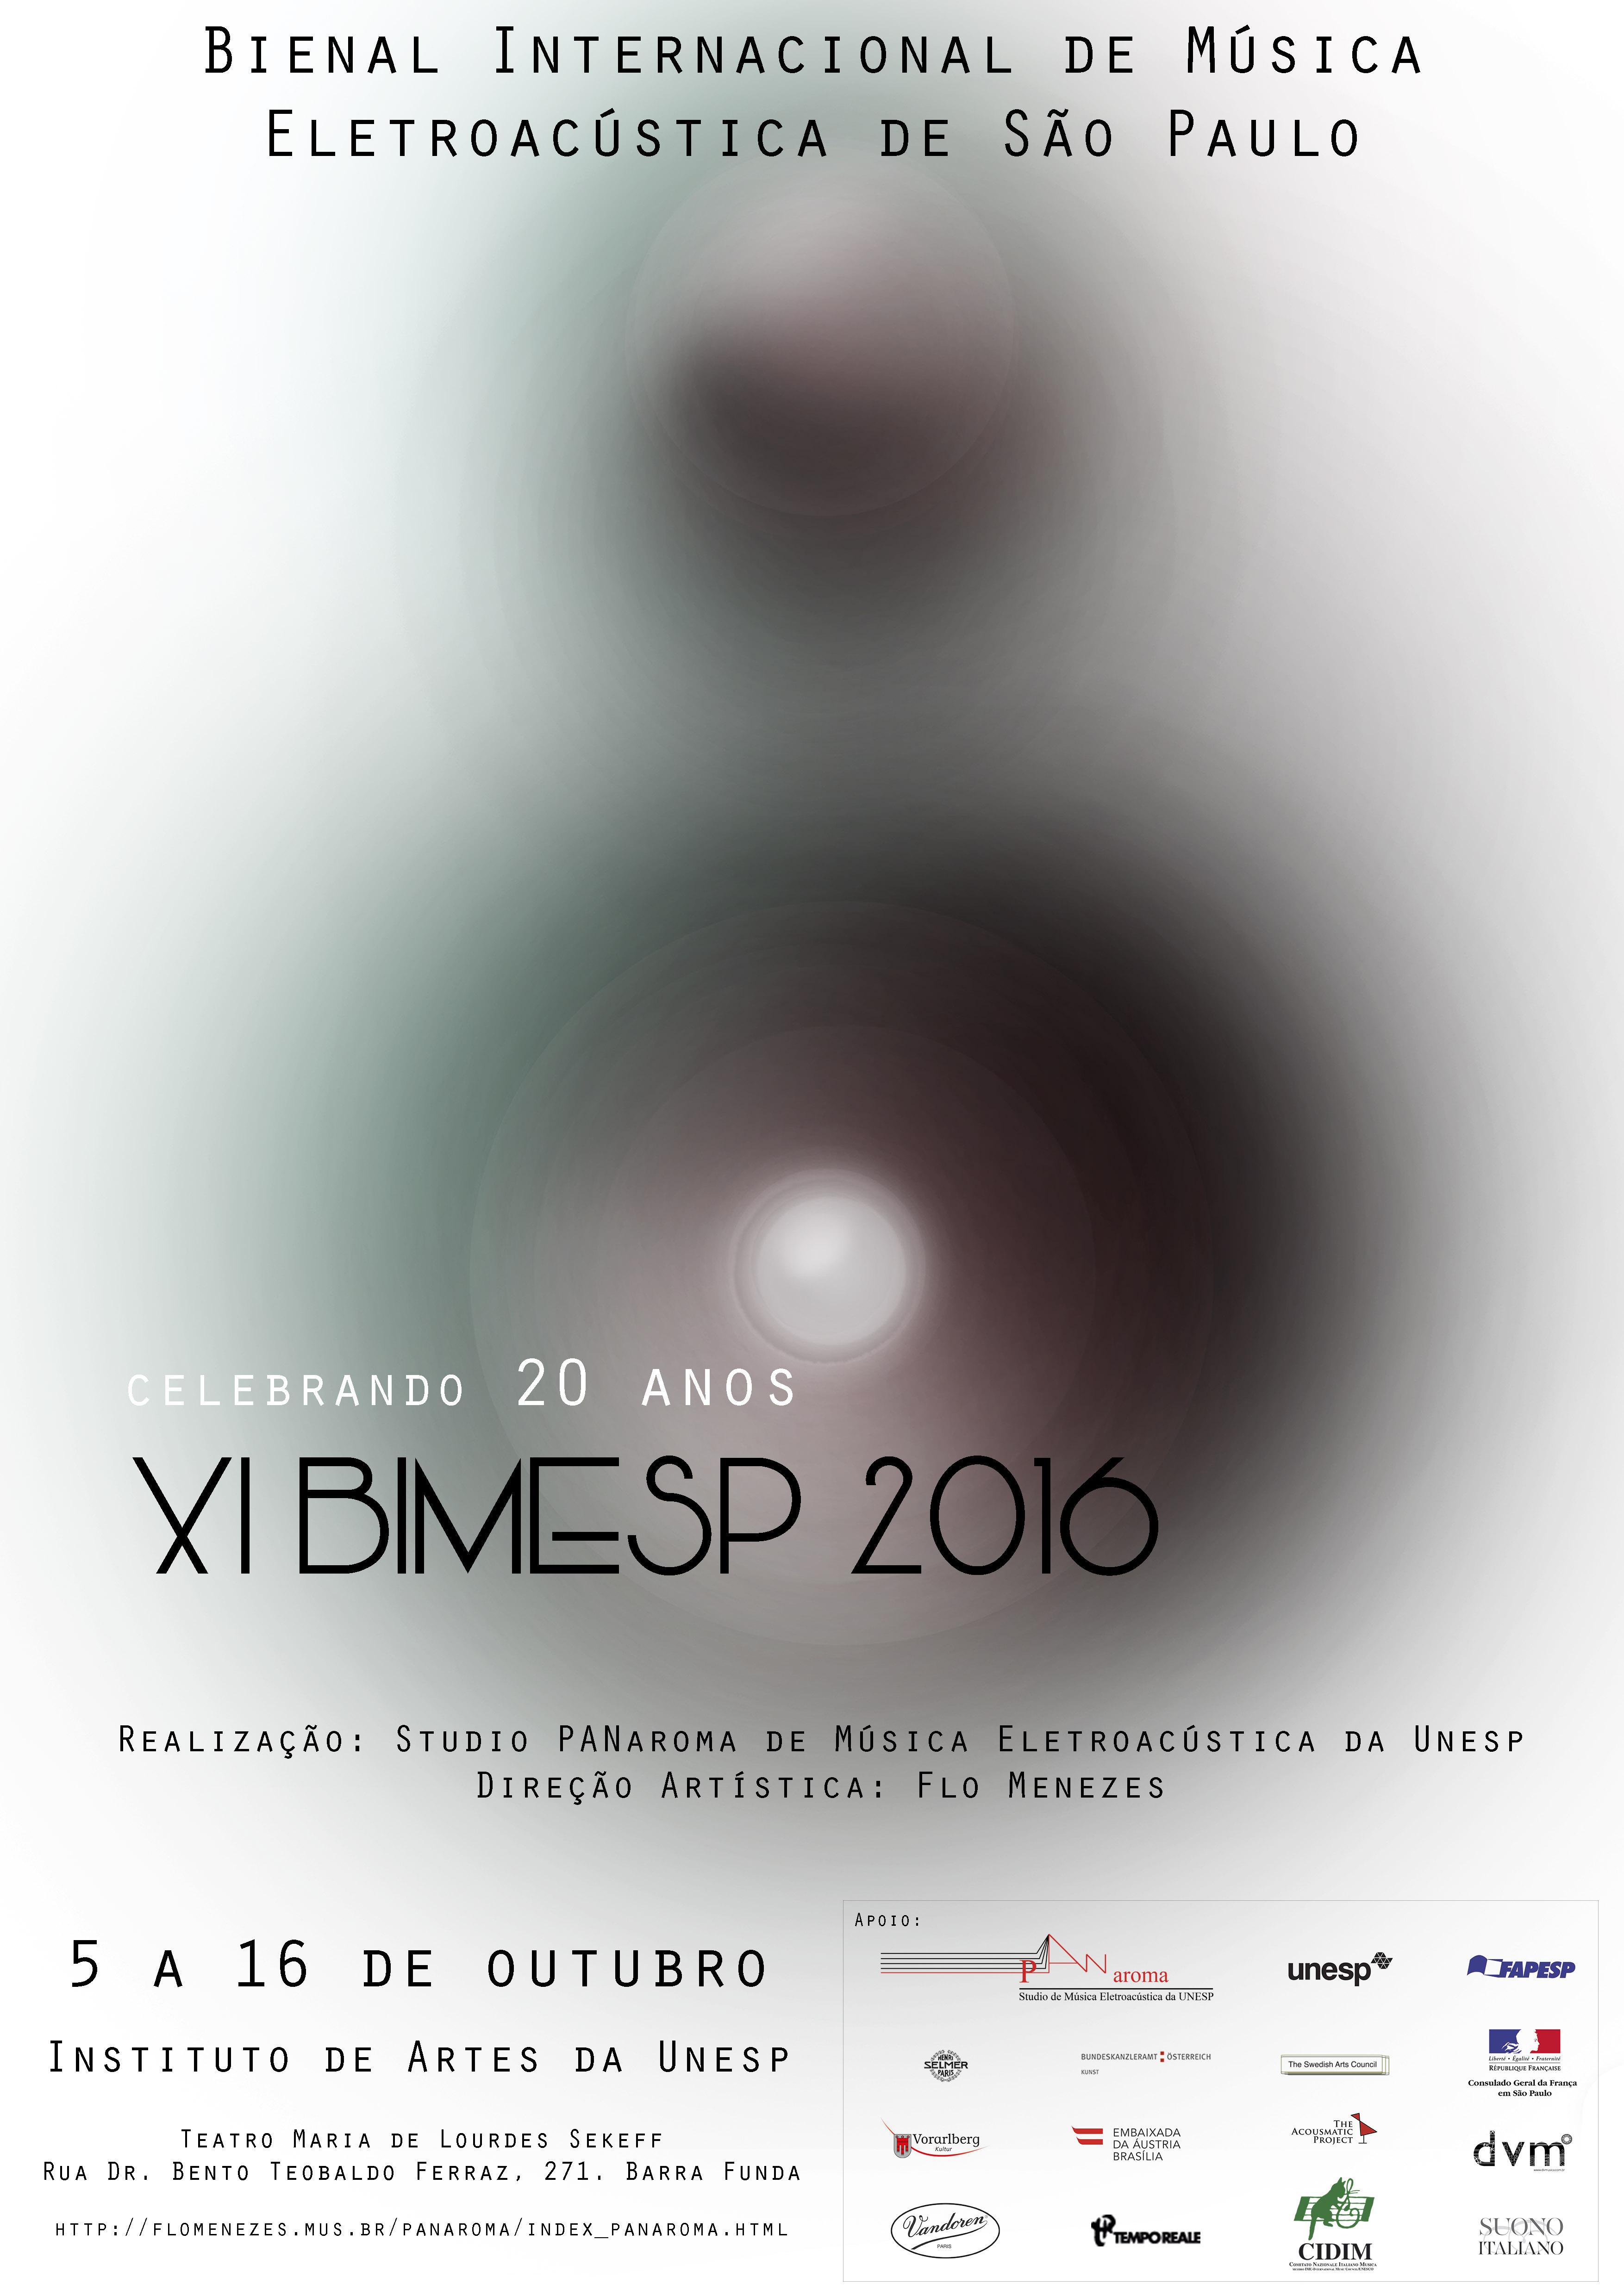 XI BIMESP 2016 - 17 Concertos e 89 peças de música eletroacústica, conferências e debates de composição e muito mais - Outubro 2016 na UNESP